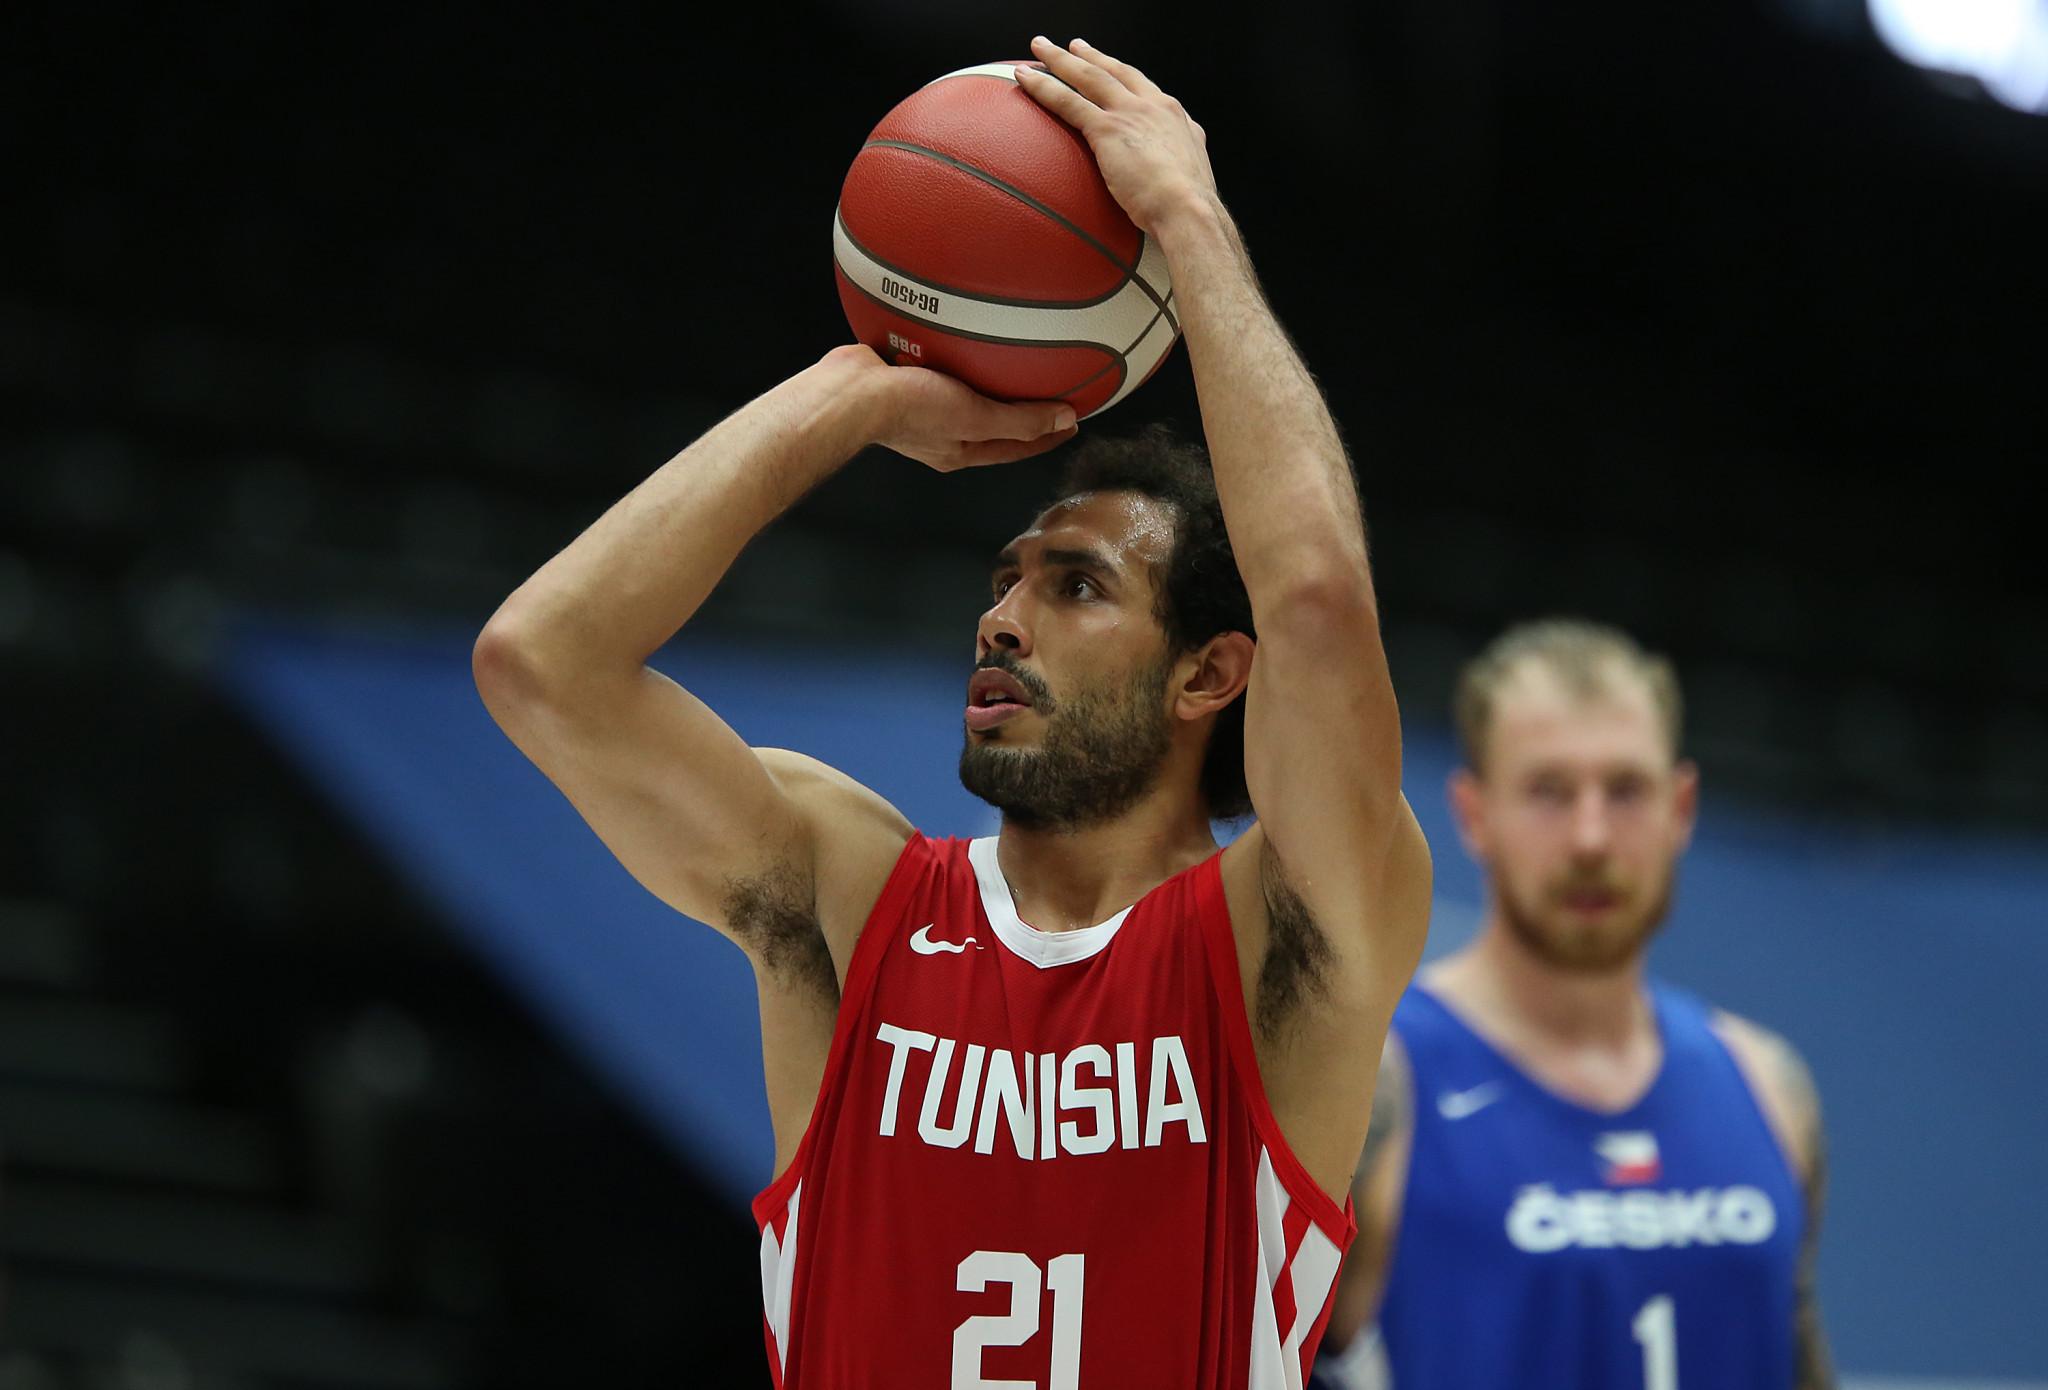 Tunisia favourites to defend FIBA AfroBasket title